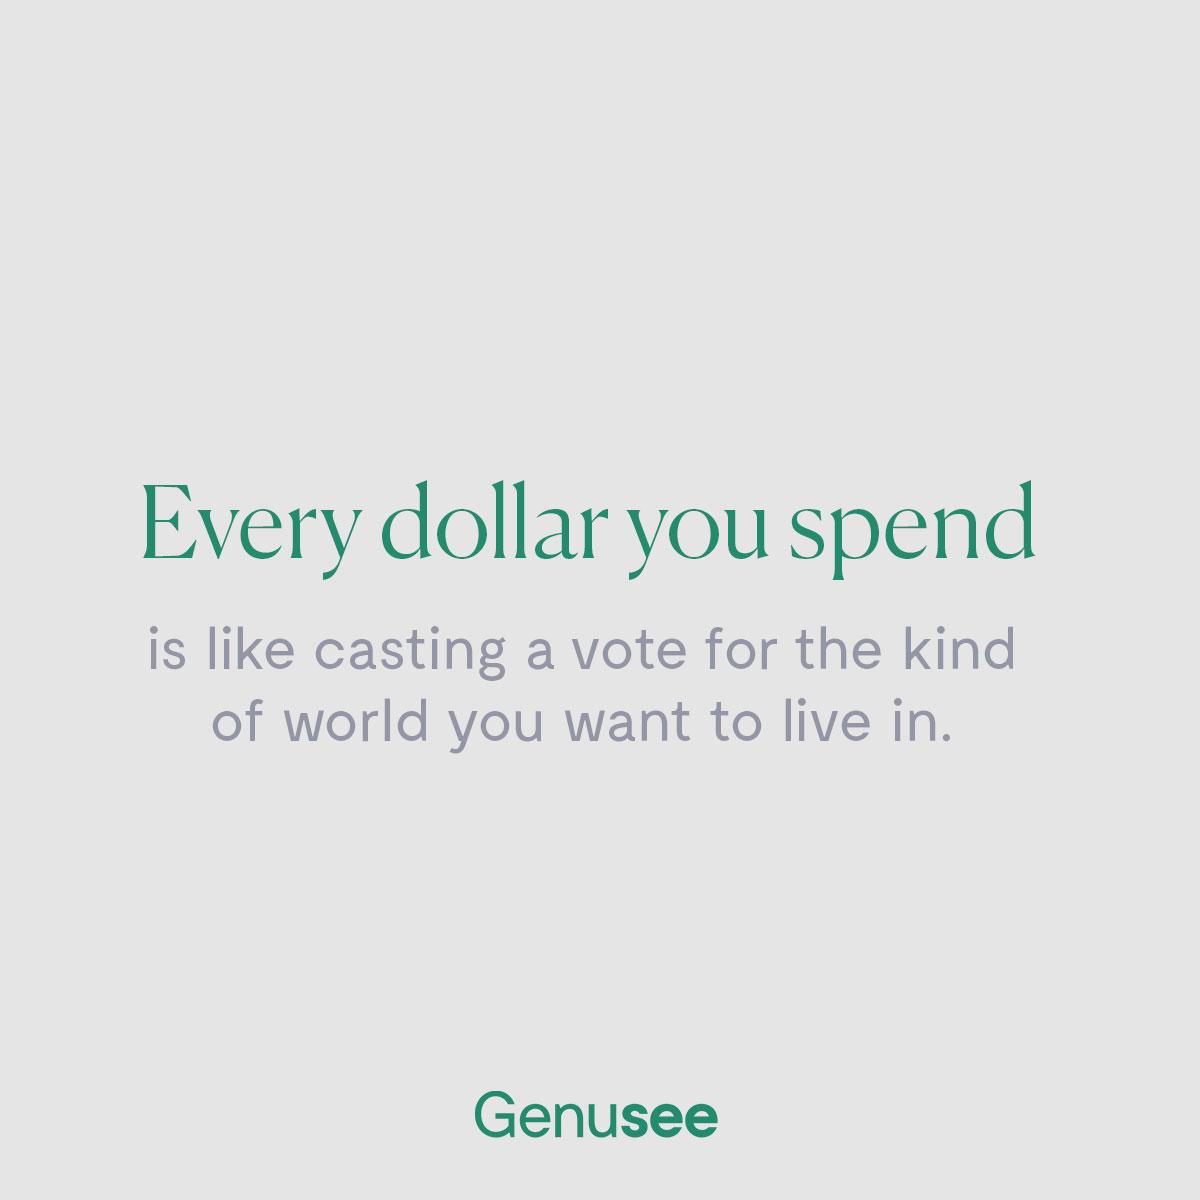 Genusee-IG Post_Every Dollar You Spend_09 (05072018).jpg